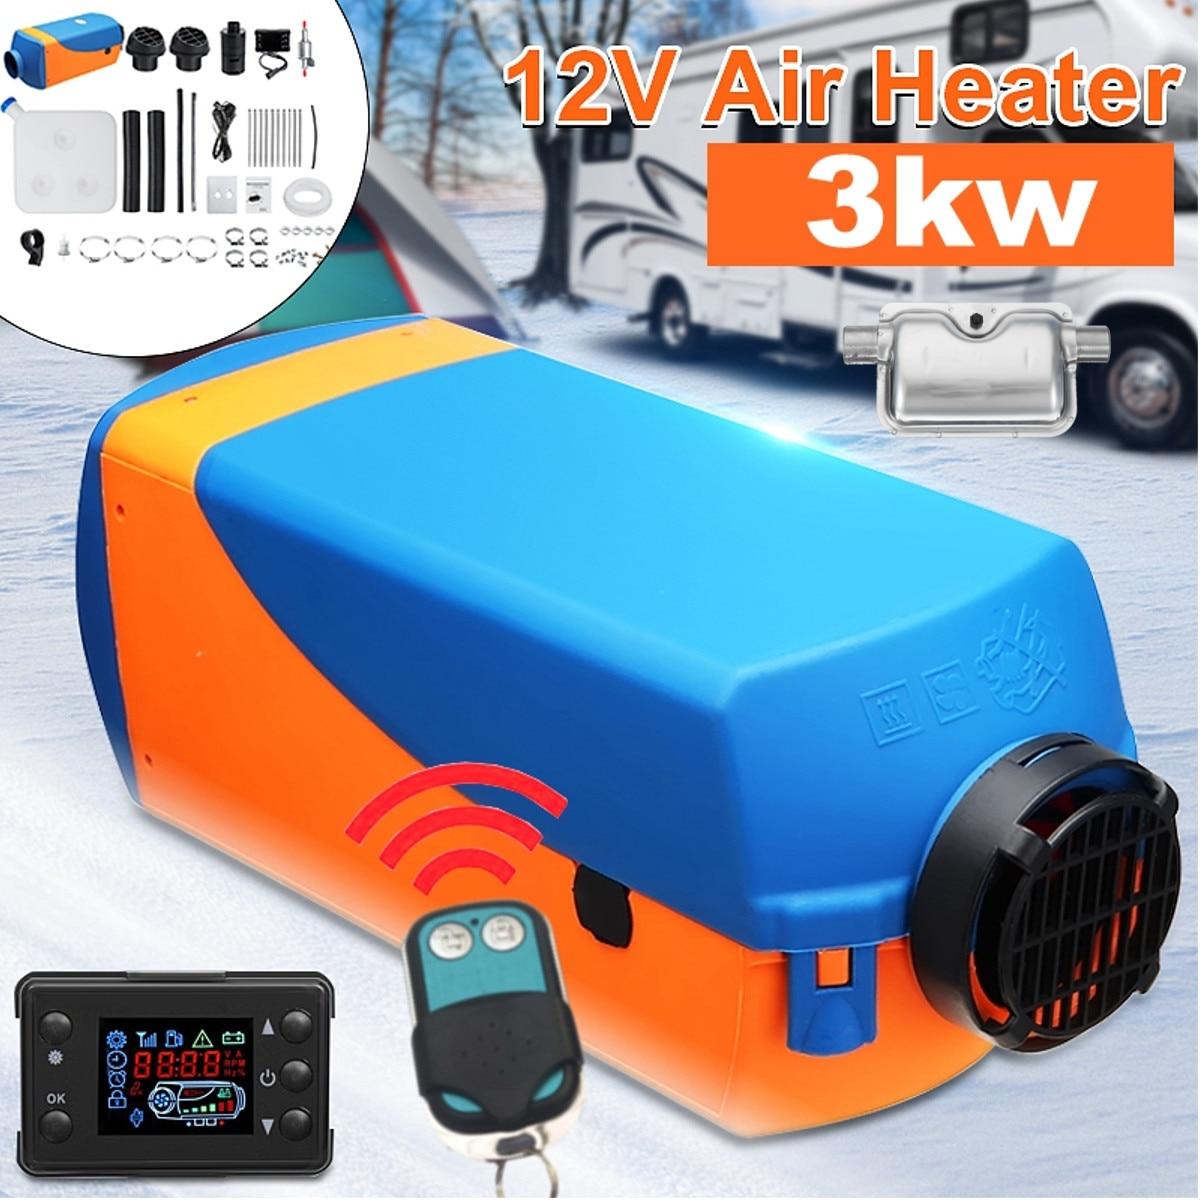 12V 3KW Ar Diesel Aquecedor de Estacionamento Ar Aquecedor Com Controle Remoto Display Digital LCD para Reboque de Barco Motorhome Silenciador Para livre